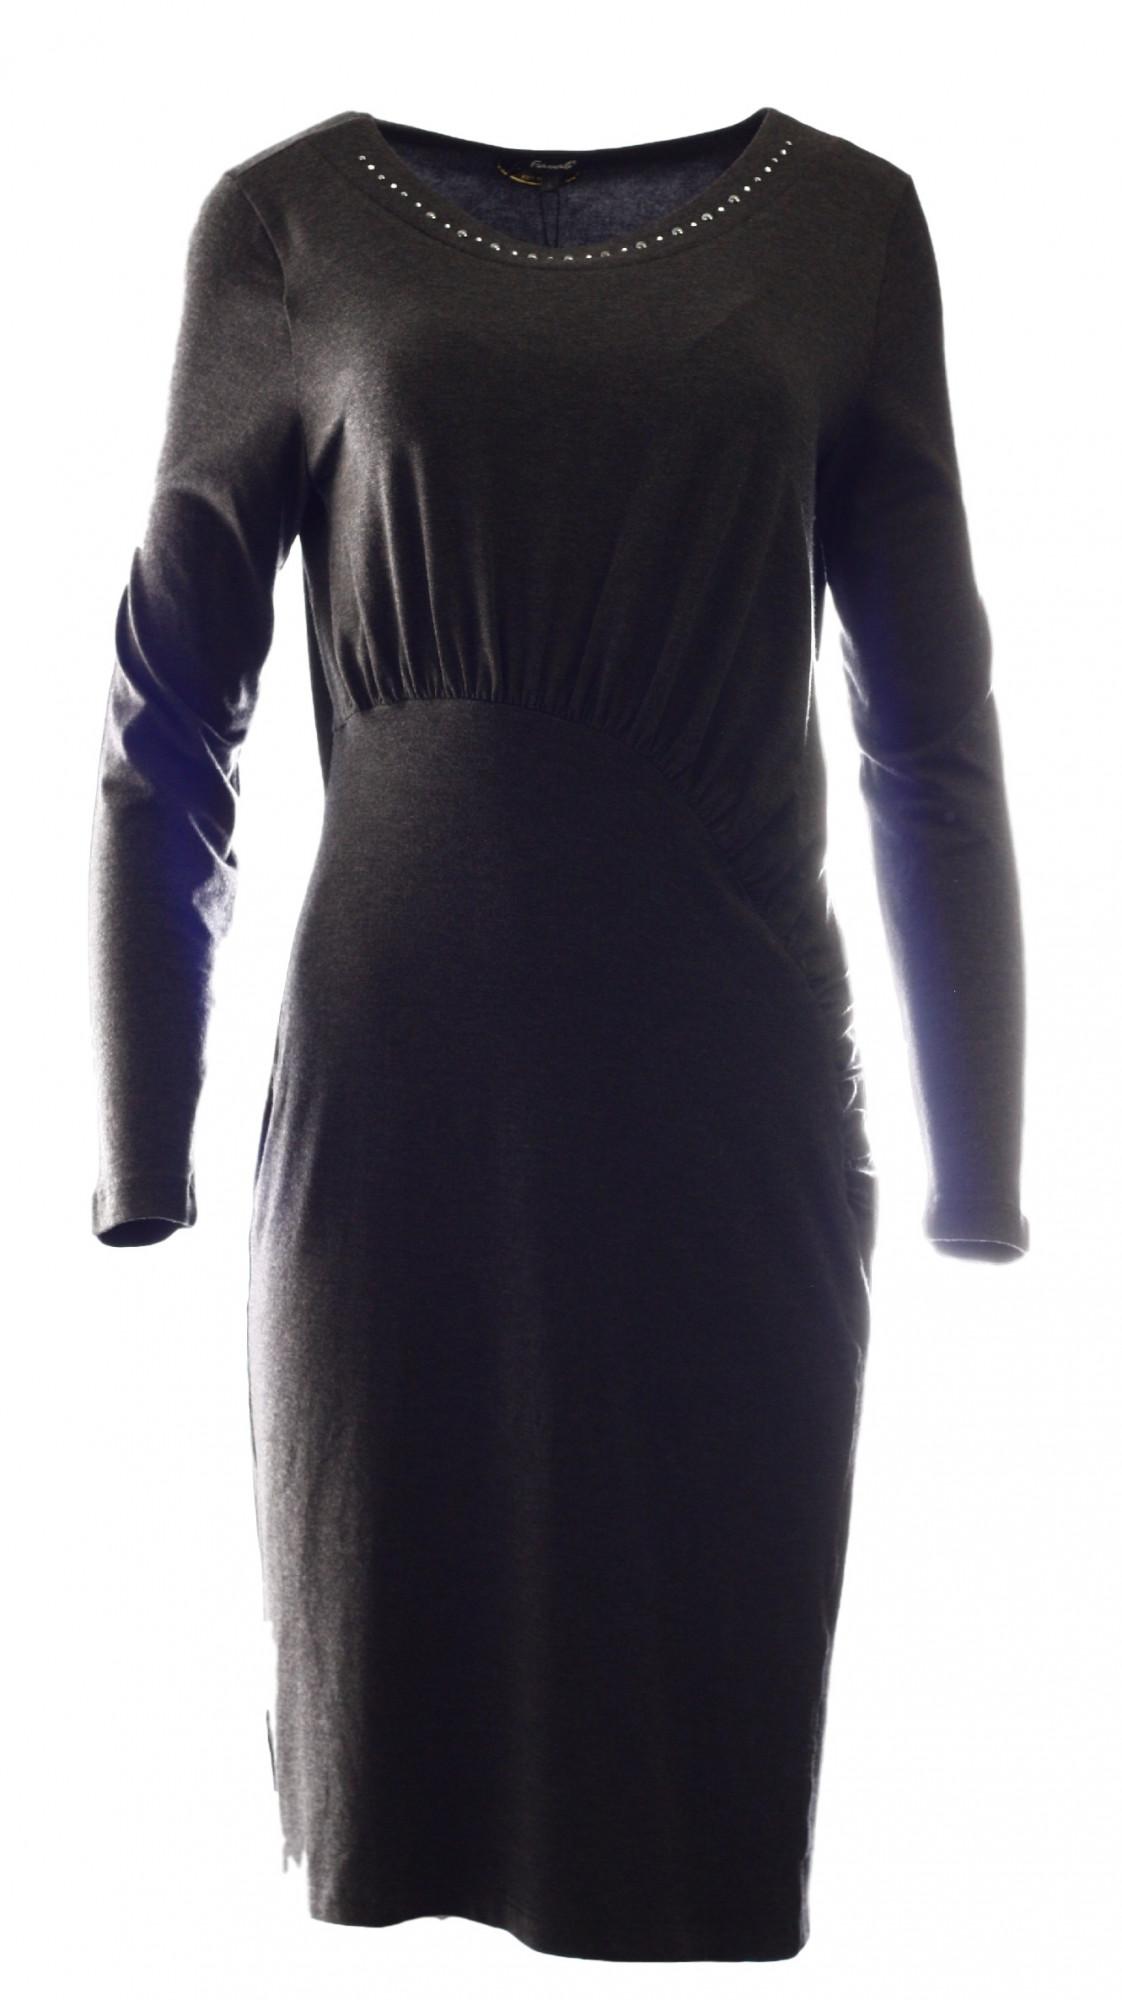 Šaty Bernarde - Favab Barva: antracit, Velikost: L